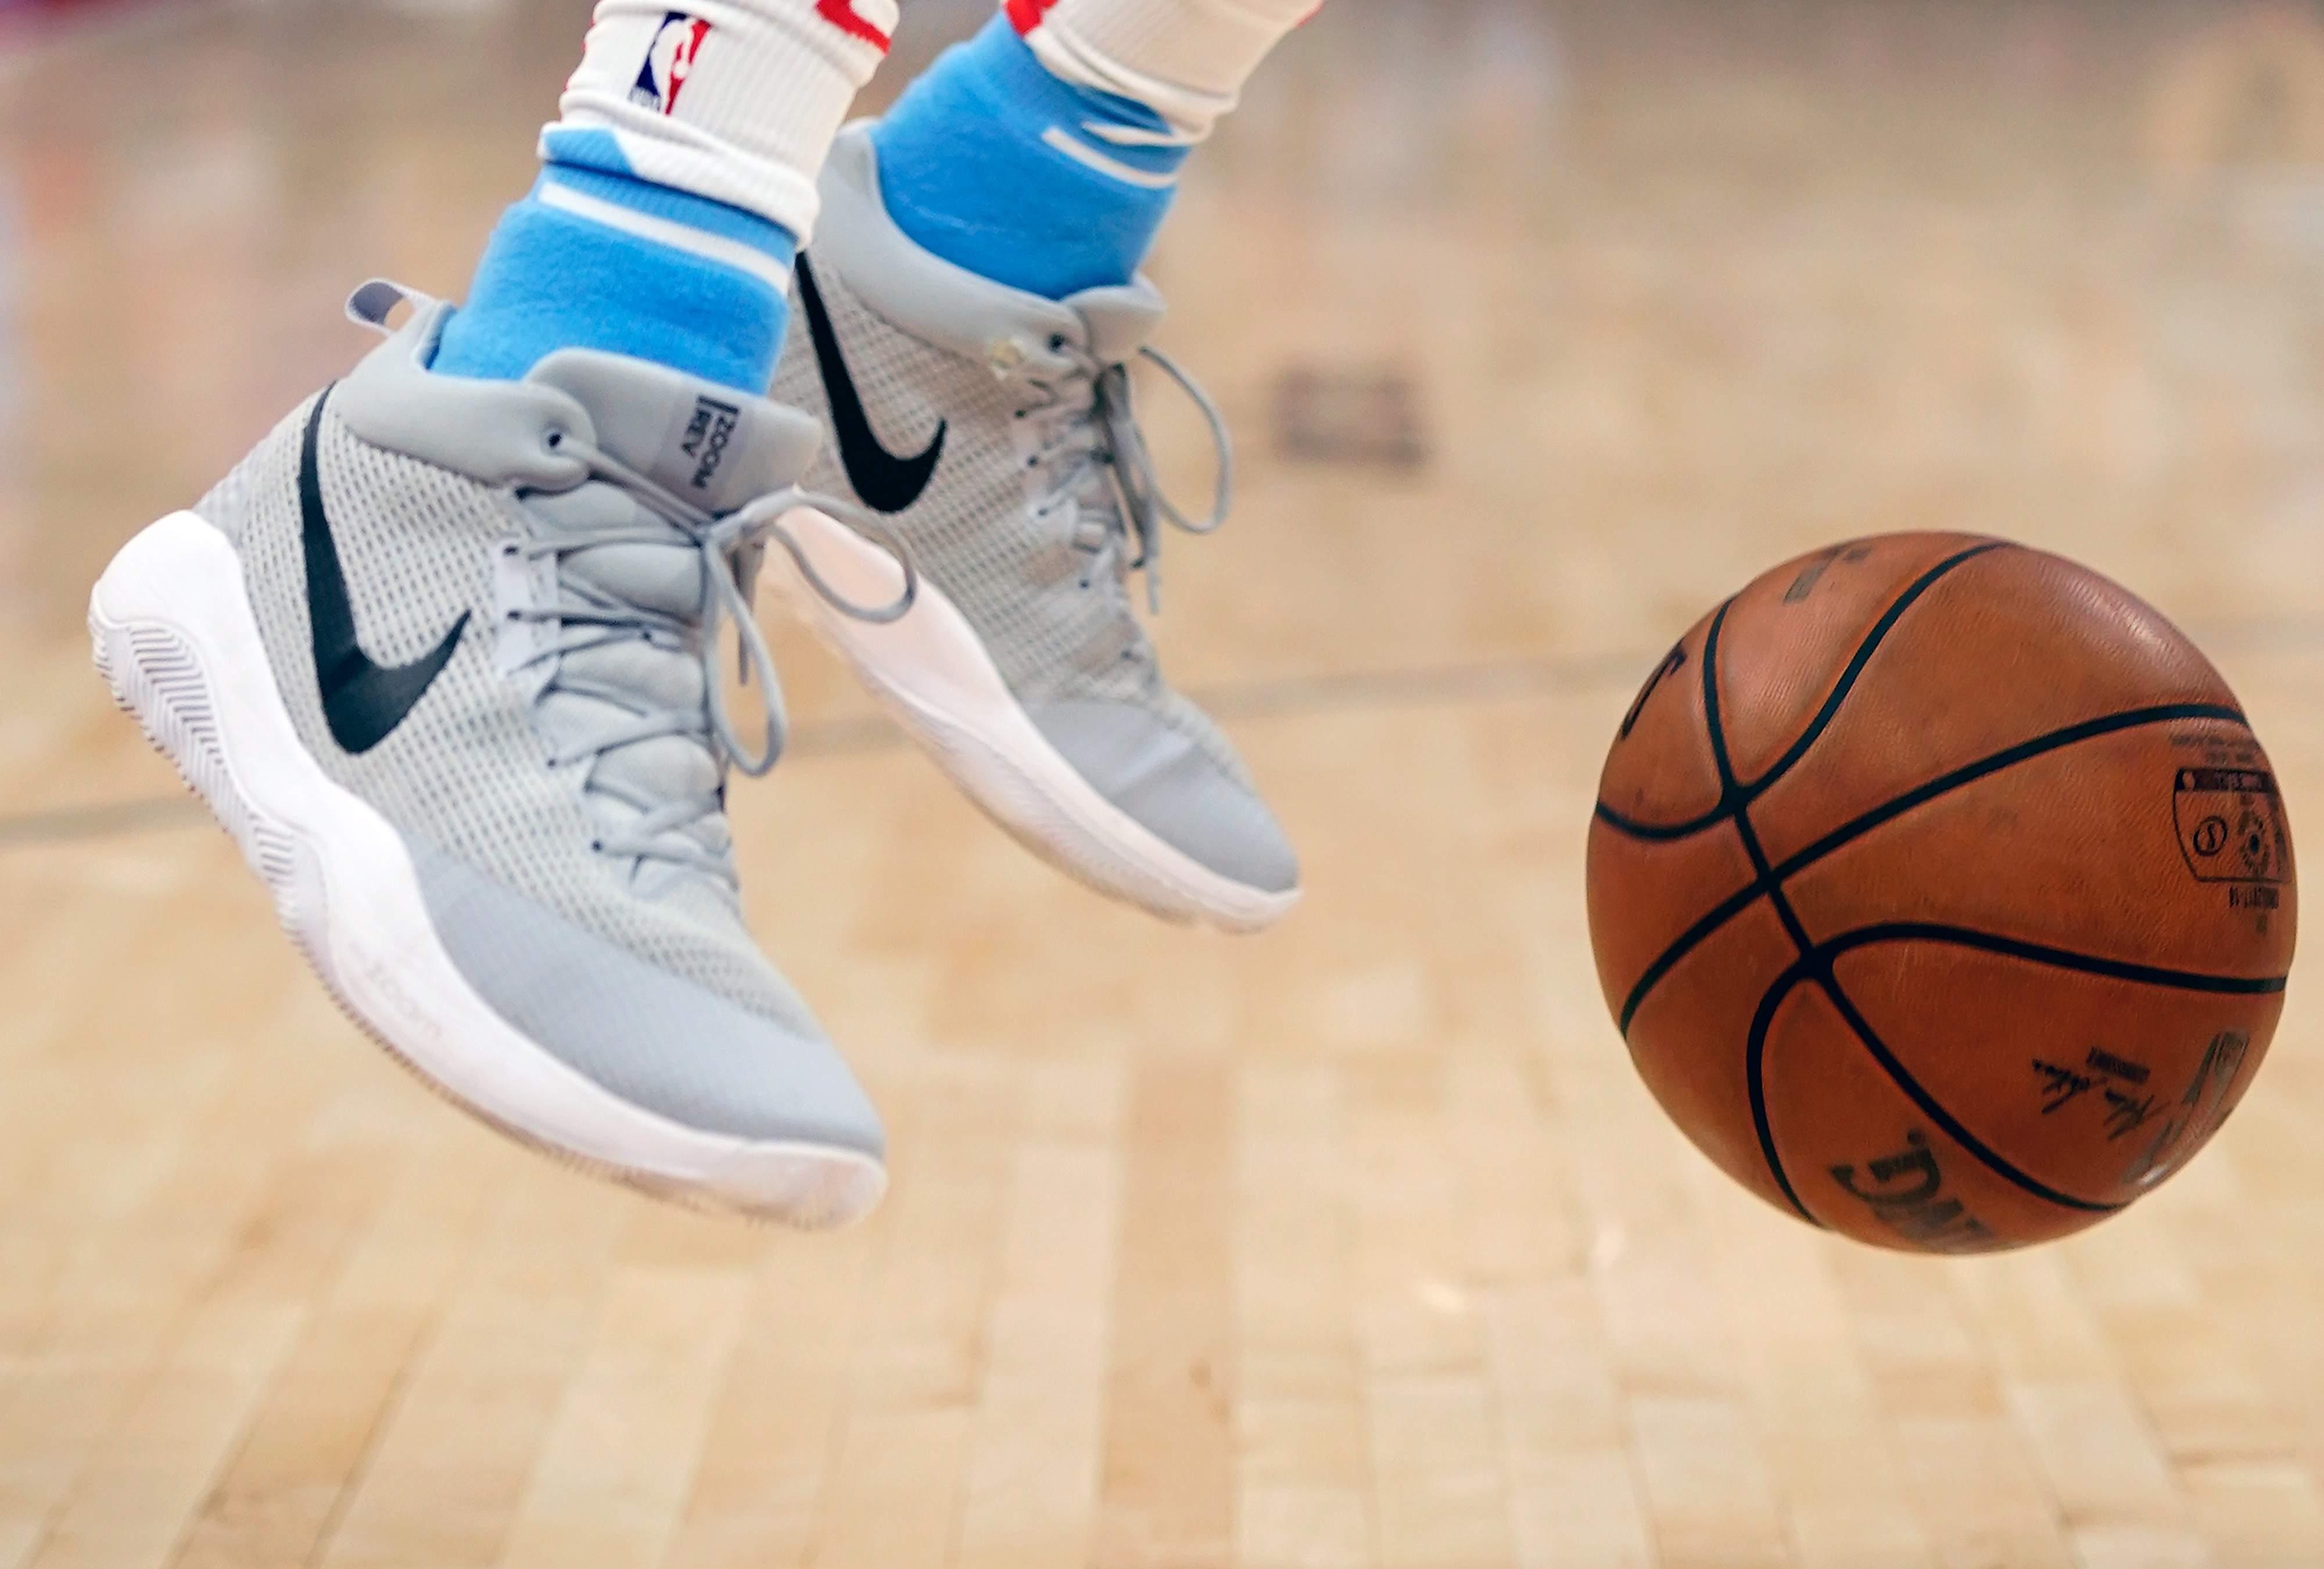 Destreza Dictadura pegatina  El proyecto de Nike para mejorar a los jugadores de baloncesto (por 300  euros) - elEconomista.es